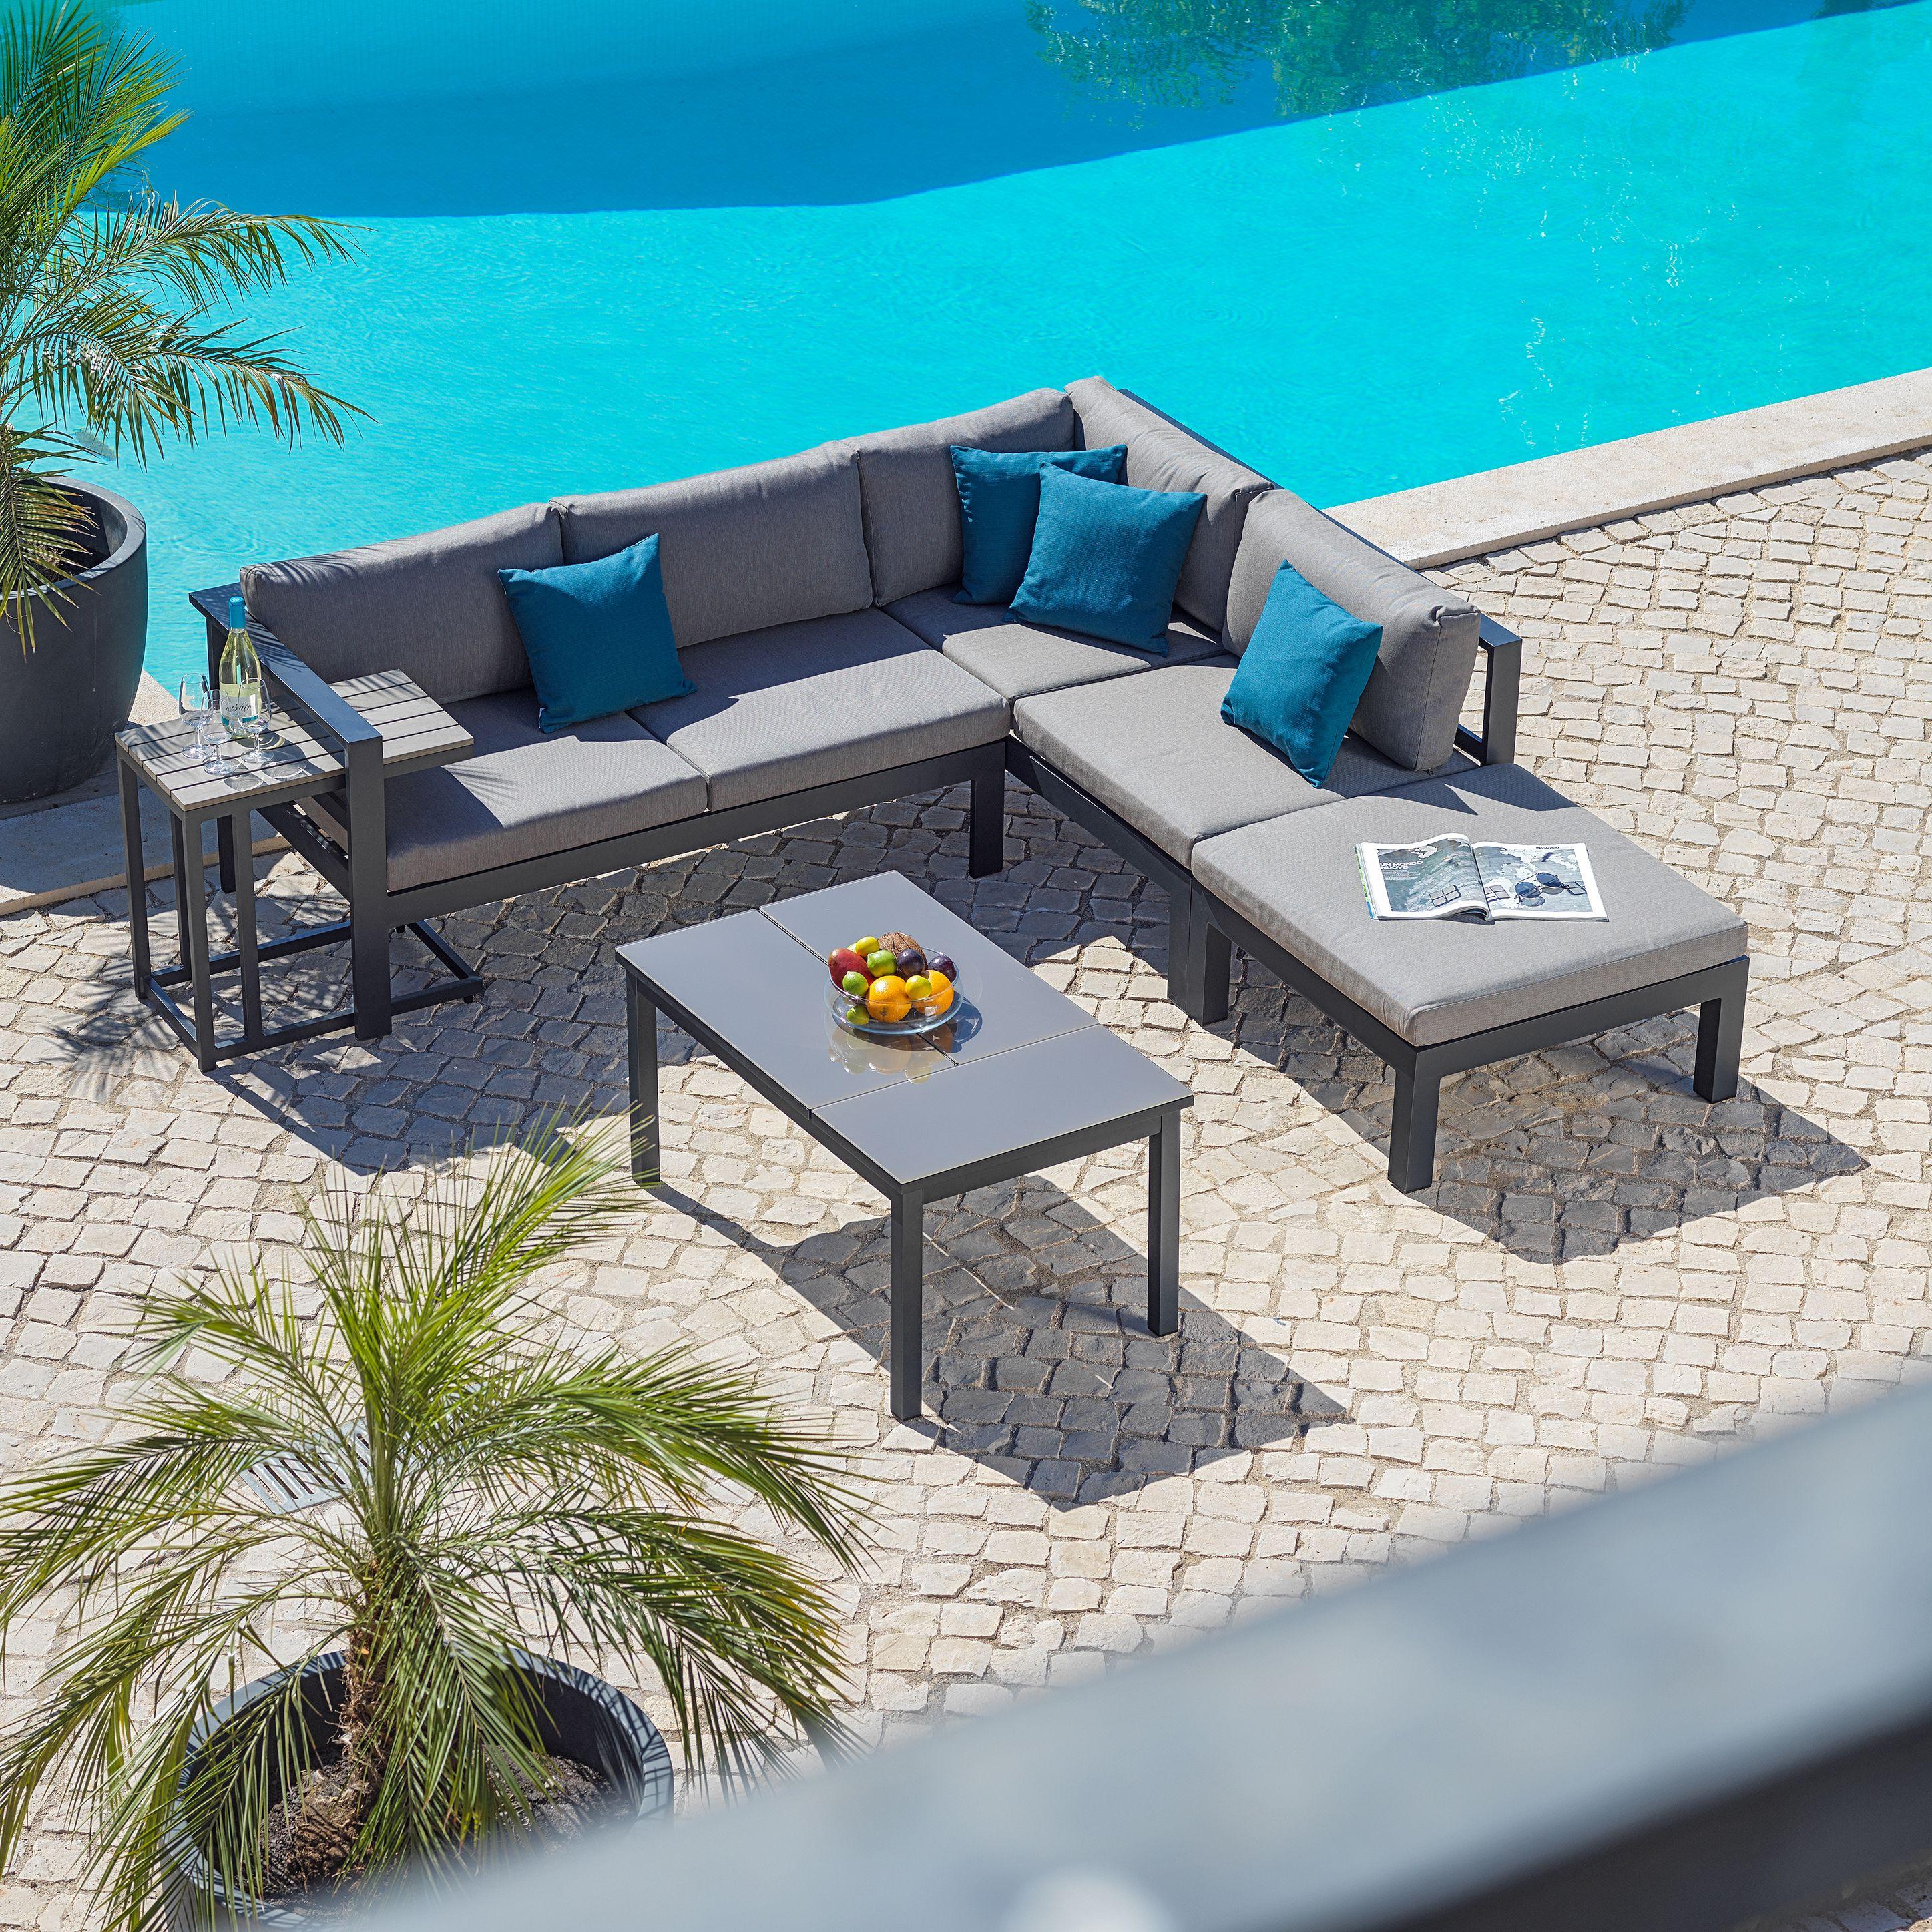 Gartenlounge metall  Graue Garten Lounge aus Metall und Textil | Gartenmöbel | Pinterest ...